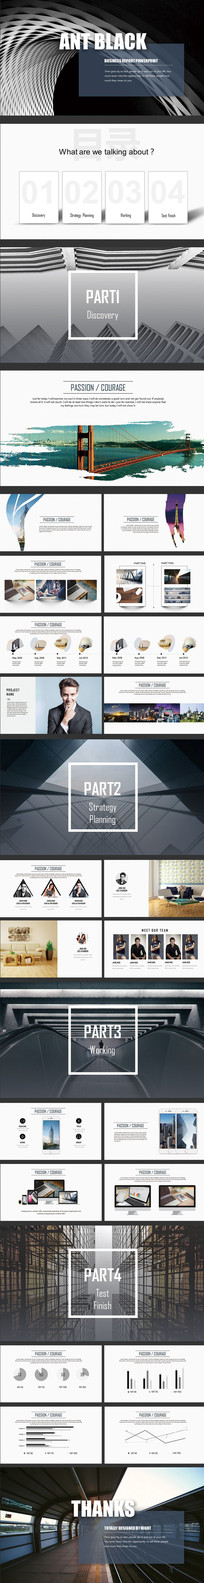 簡單色彩公司介紹PPT模板